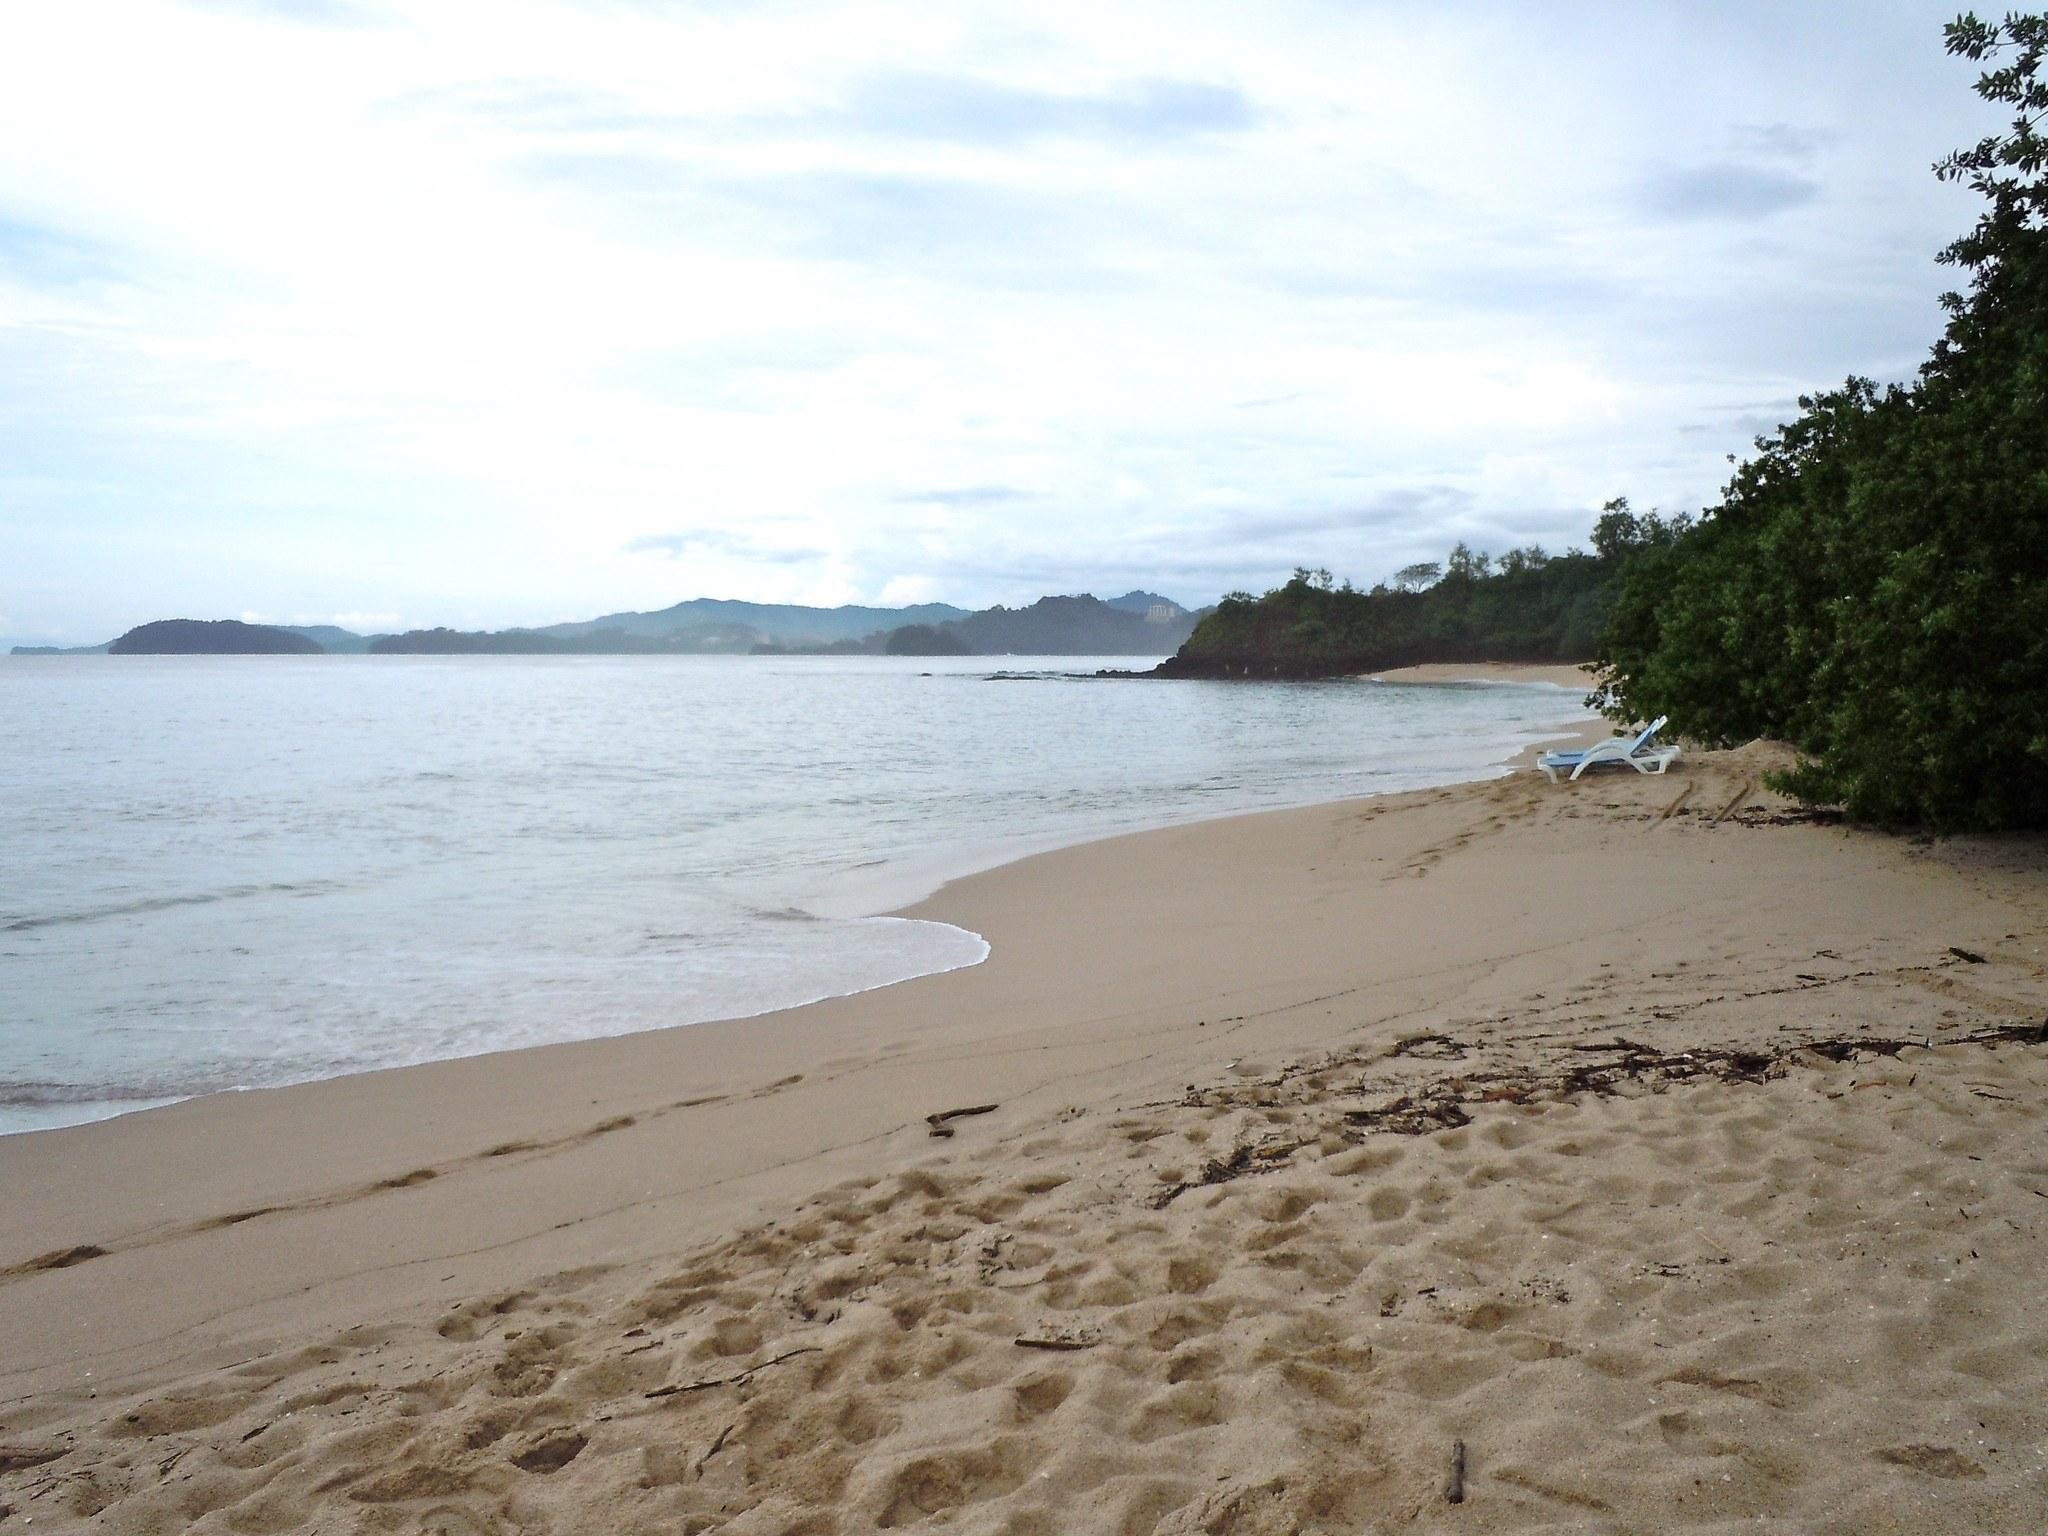 Best Beaches in Costa Rica - Top 10 Beaches in Costa Rica